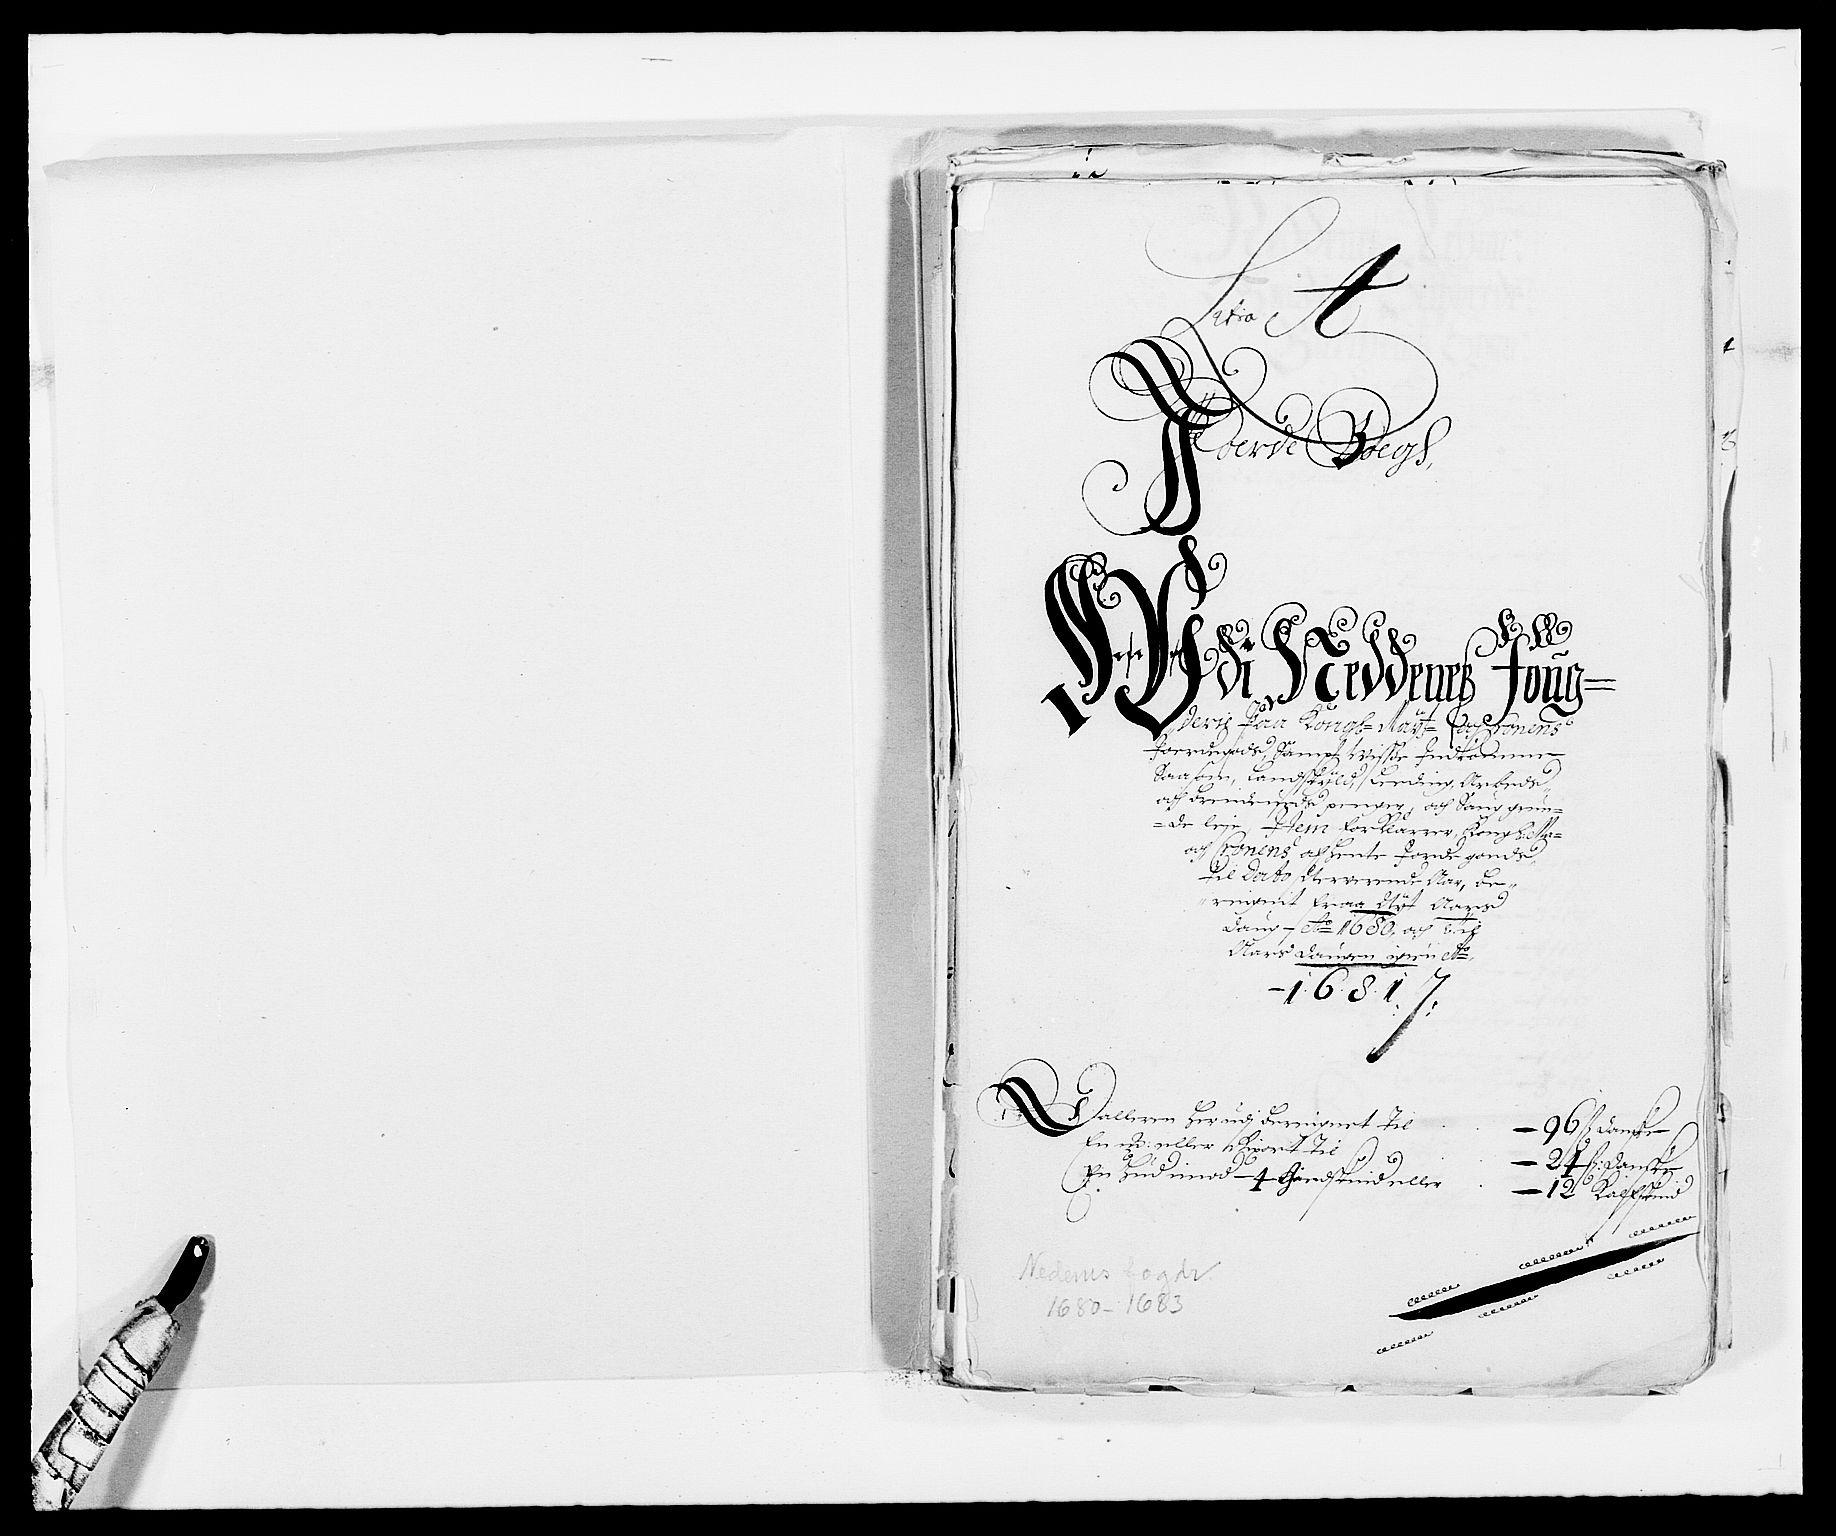 RA, Rentekammeret inntil 1814, Reviderte regnskaper, Fogderegnskap, R39/L2304: Fogderegnskap Nedenes, 1680-1682, s. 2